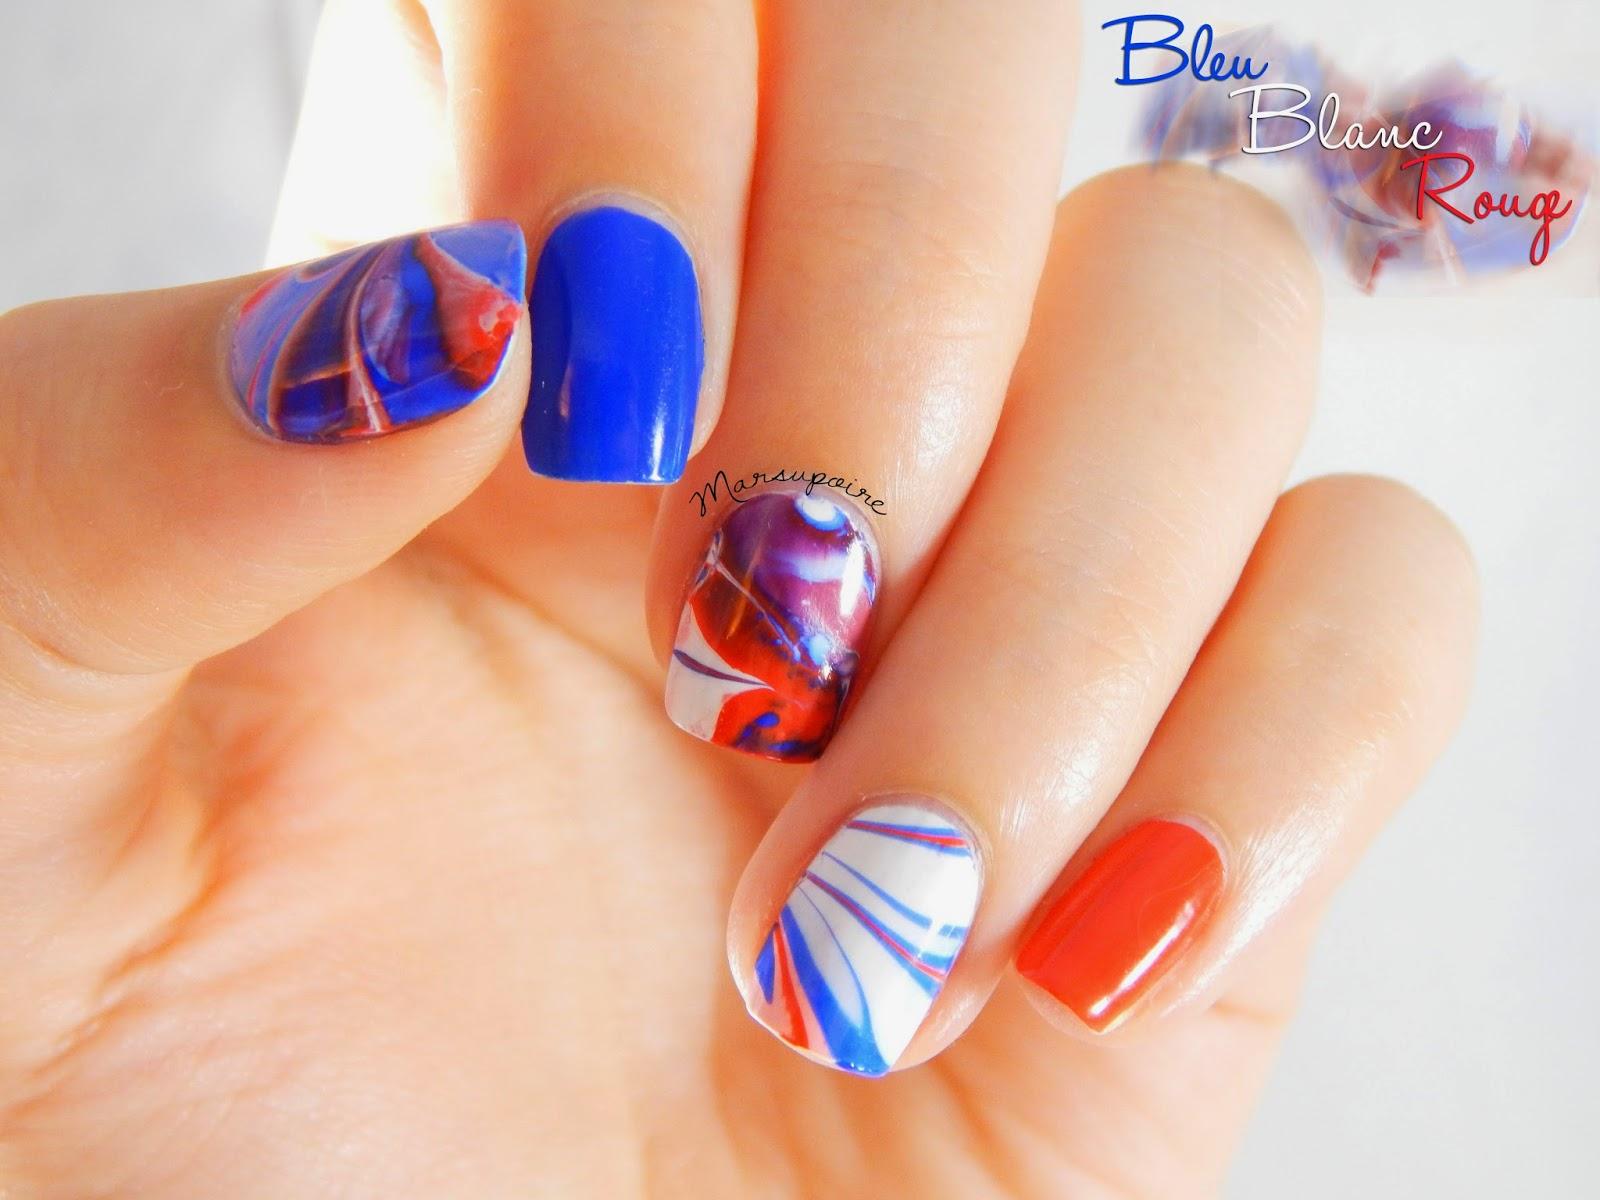 Nail art Watermarble bleu blanc rouge 1